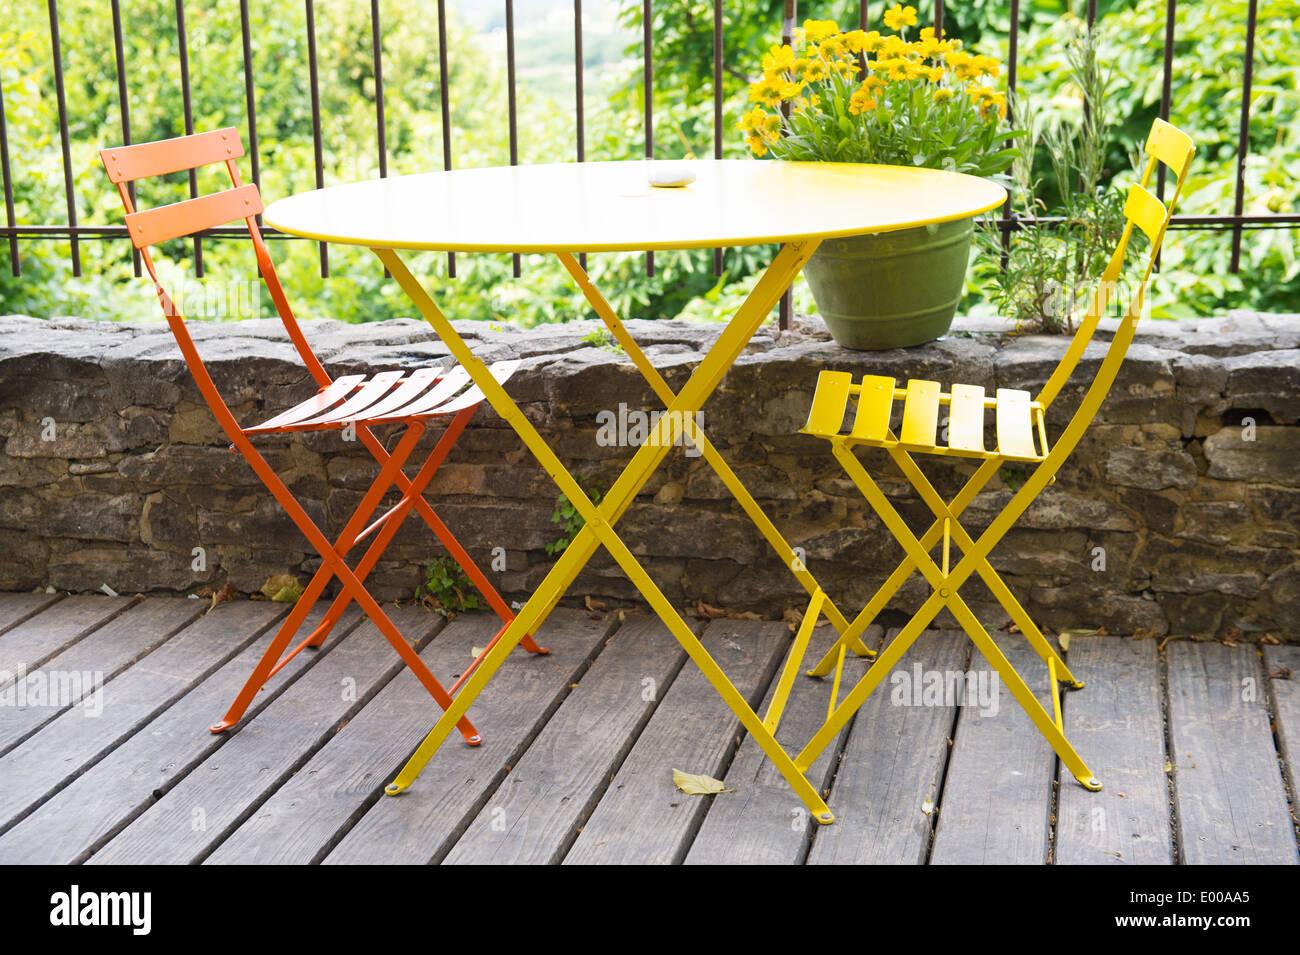 Französische Terrasse Mit Gelb Und Orange Bistro Möbel Stockfoto